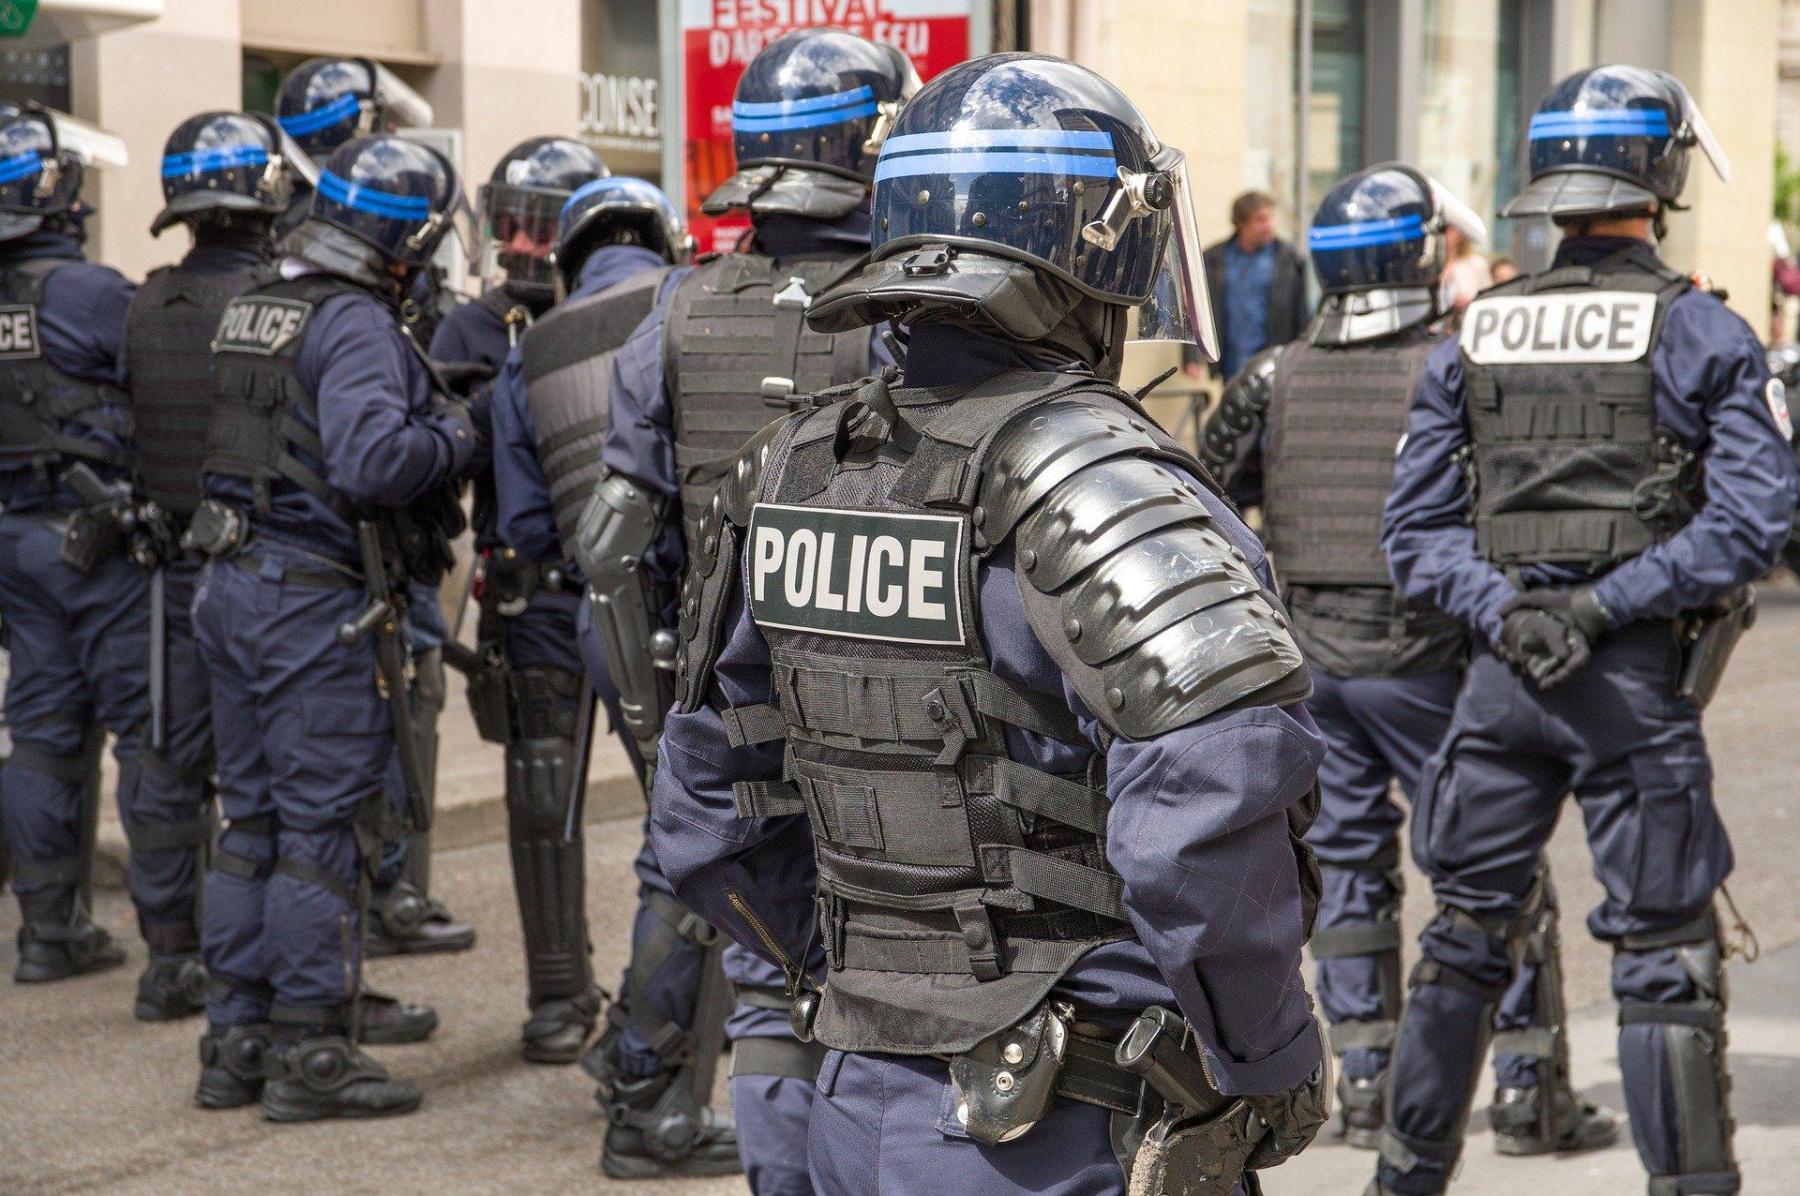 ventdouxprod nicolas barbier 2020 police armée confinement régime autoritaire contrôle surveillance france